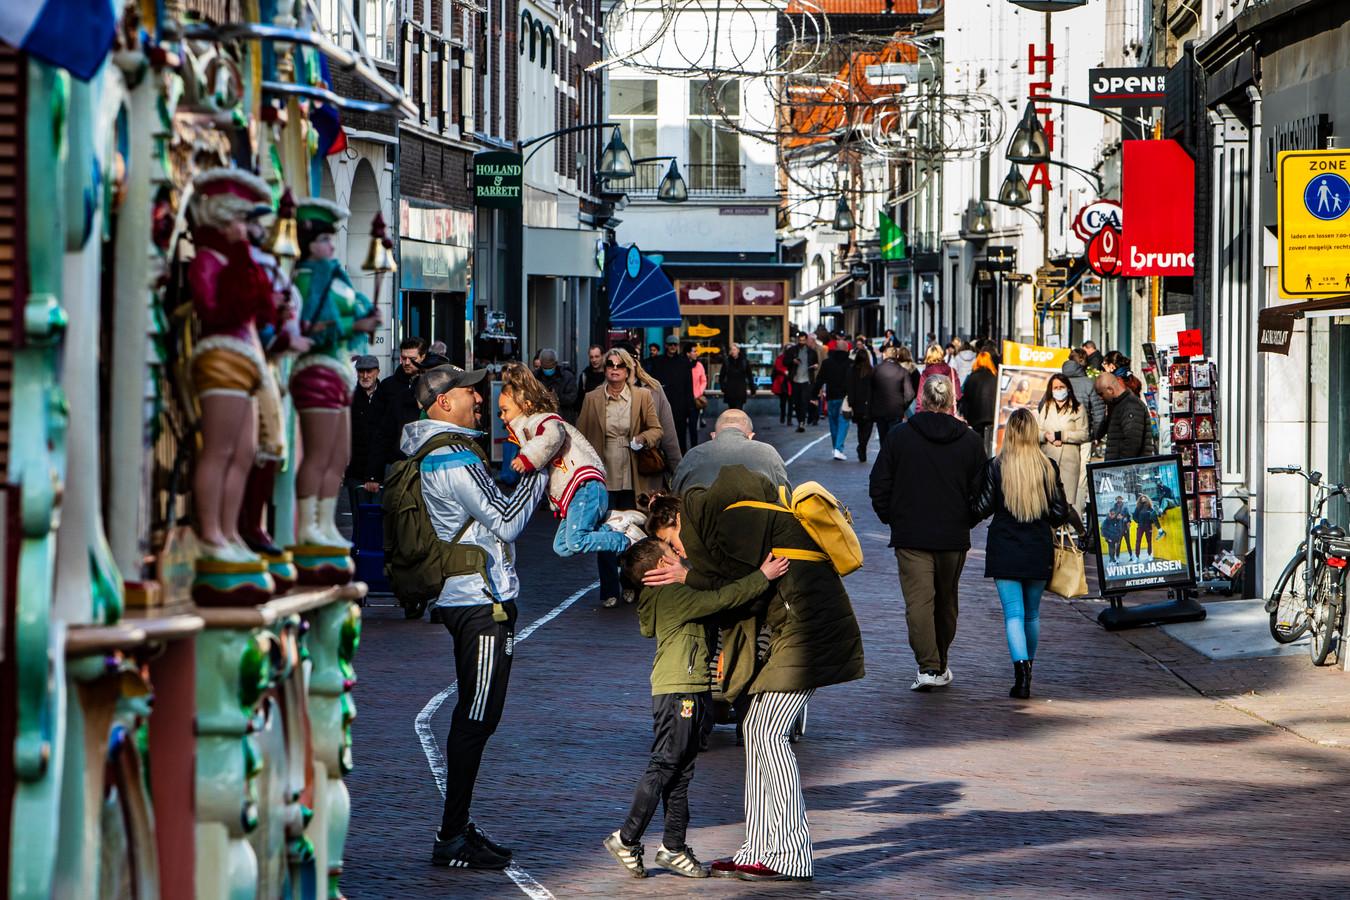 Drukte in de binnenstad van Deventer.